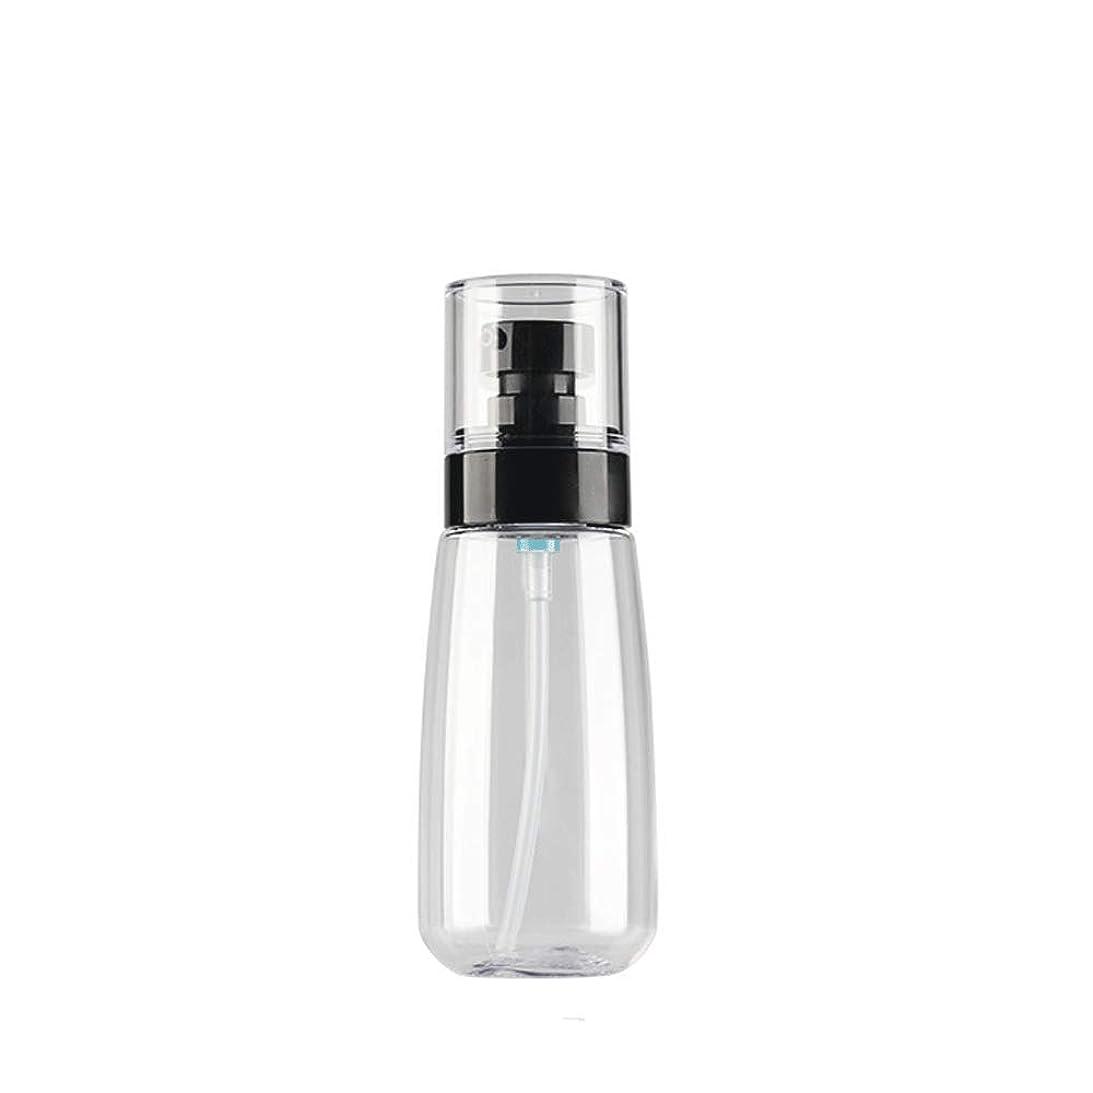 著作権ターゲットいらいらさせる漏れ防止 小けボトルトラベルボトルスプレーボトル化粧品 収納小分けプラスチック容器 家庭用 出張用 海外 旅行用品100ML12パック